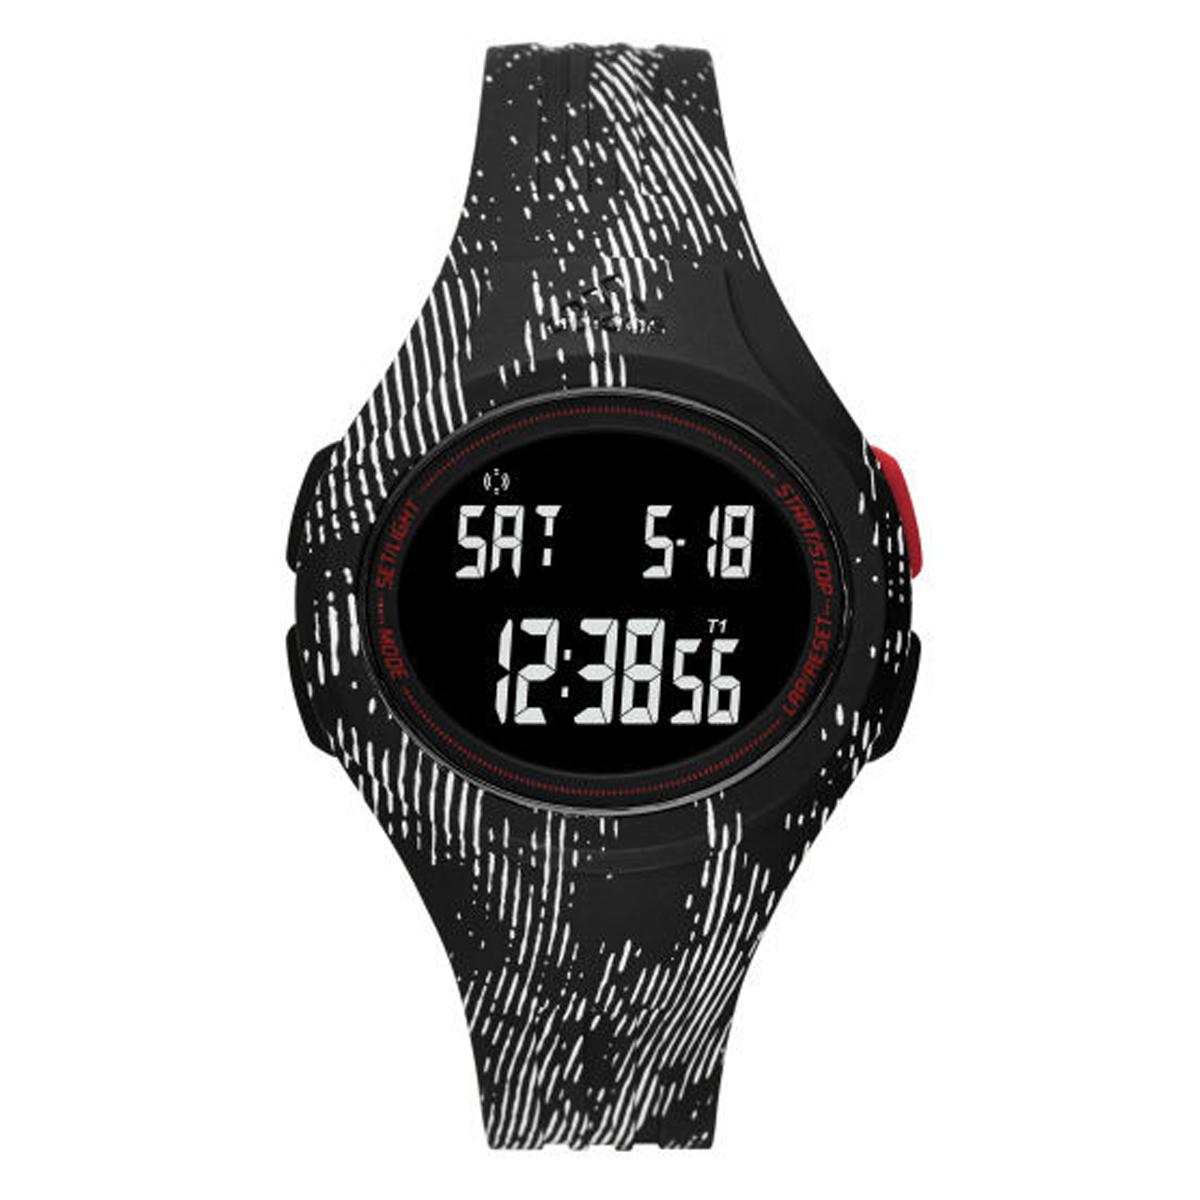 นาฬิกาผู้ชาย Adidas รุ่น ADP3178